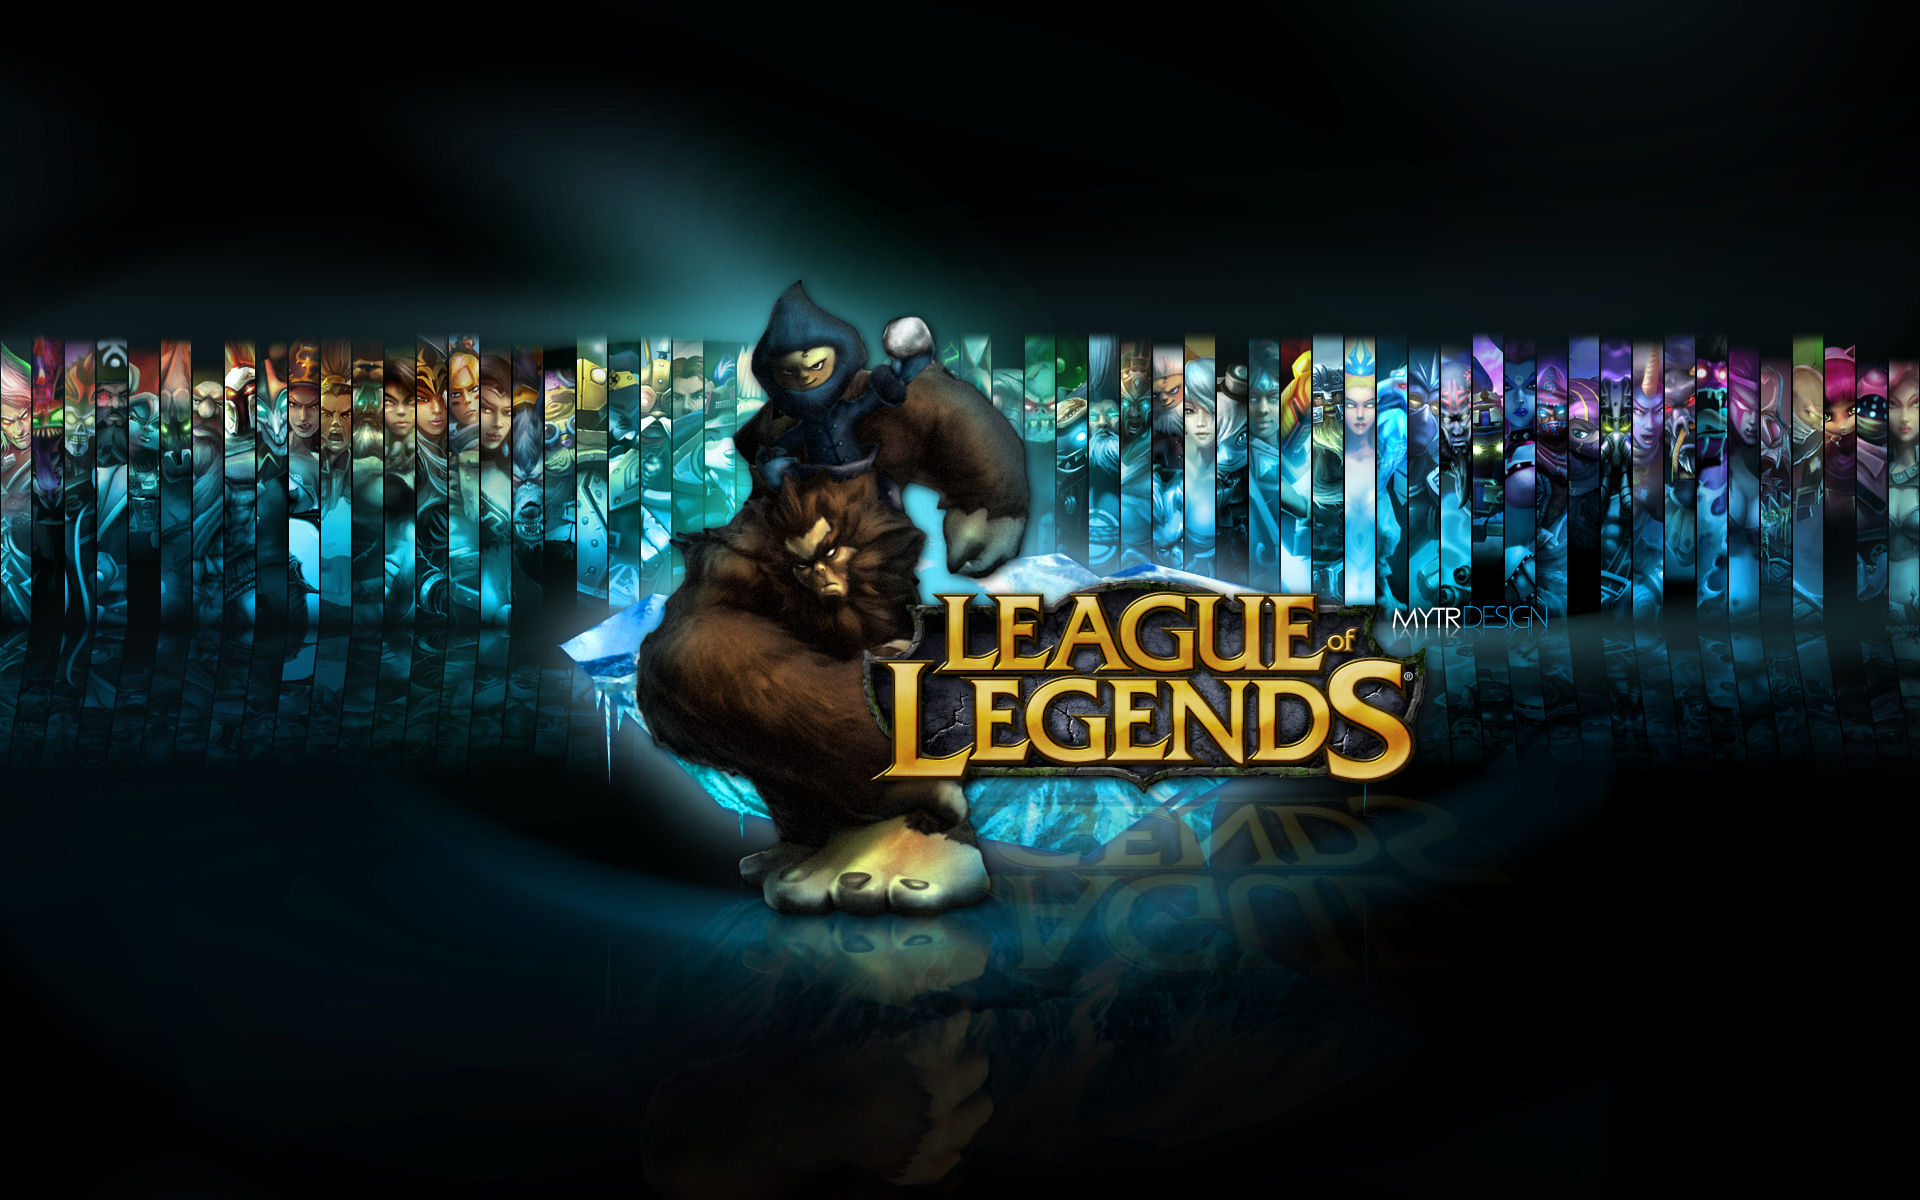 League of Legends Phone Wallpaper - WallpaperSafari